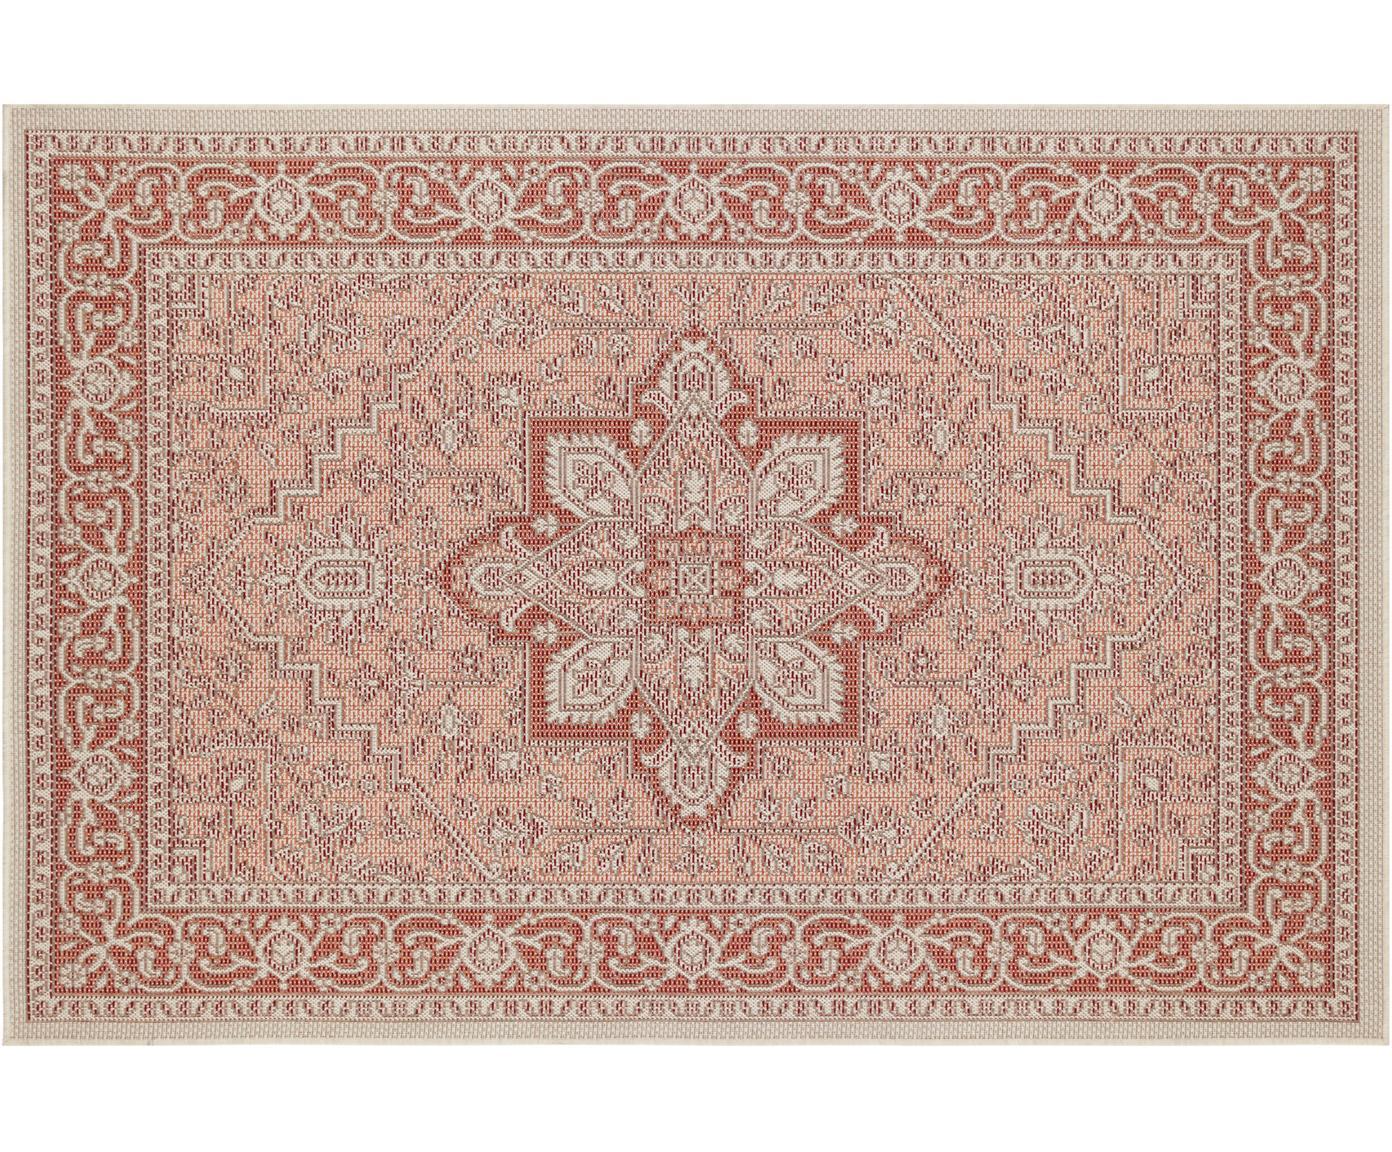 In- & Outdoor-Teppich Anjara im Vintage Style, 100% Polypropylen, Terrakottarot, Beige, B 160 x L 230 cm (Größe M)